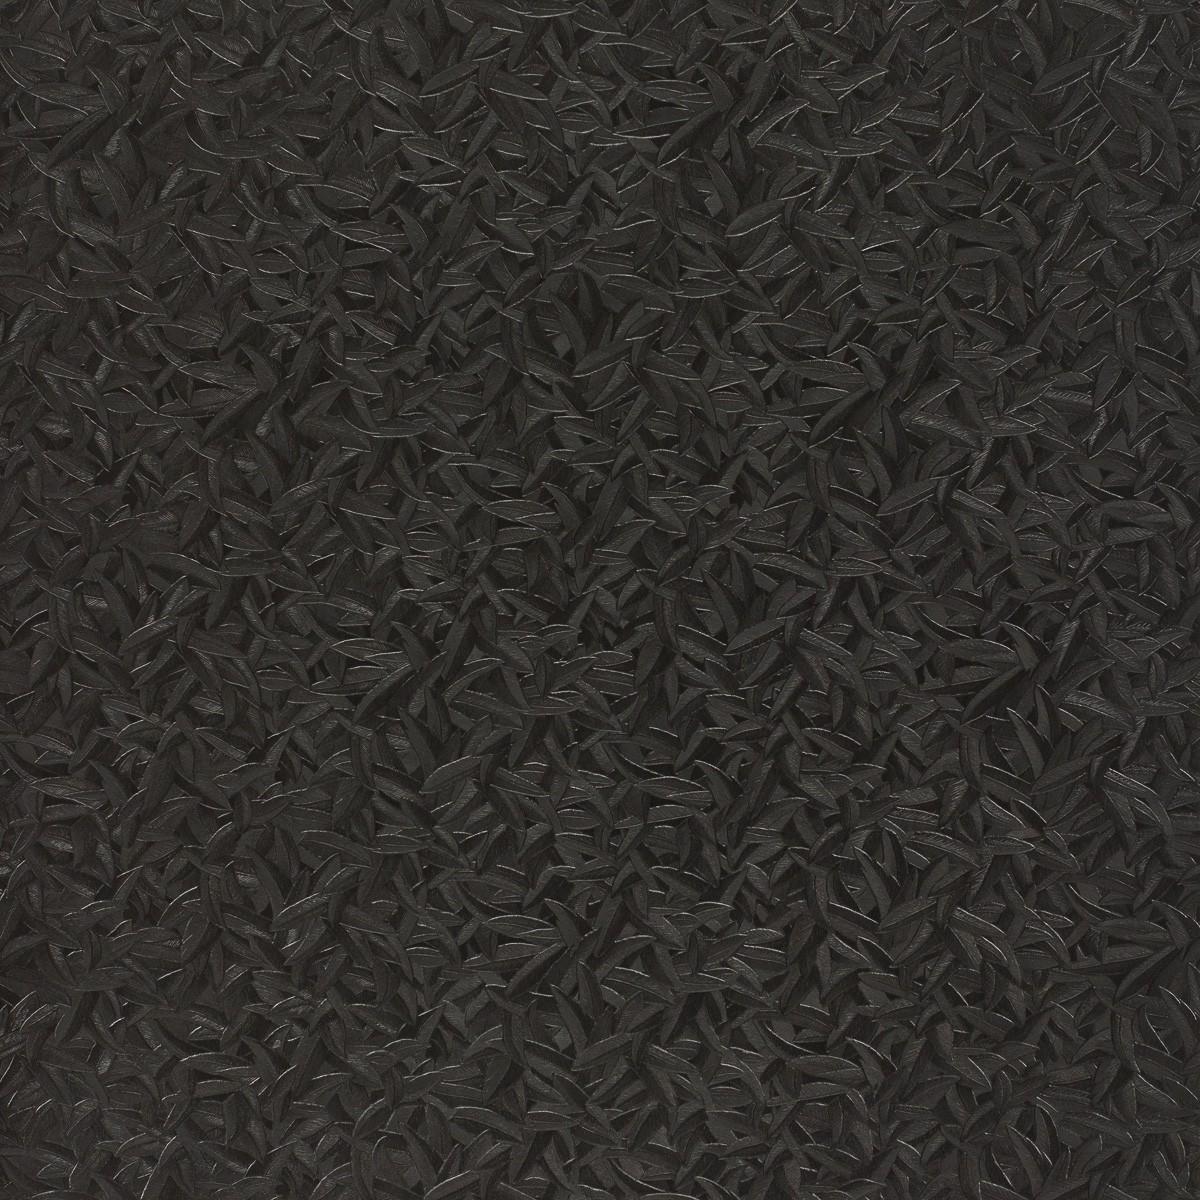 harald gl ckler tapeten schwarz bl tter federn 52507 designer tapete. Black Bedroom Furniture Sets. Home Design Ideas